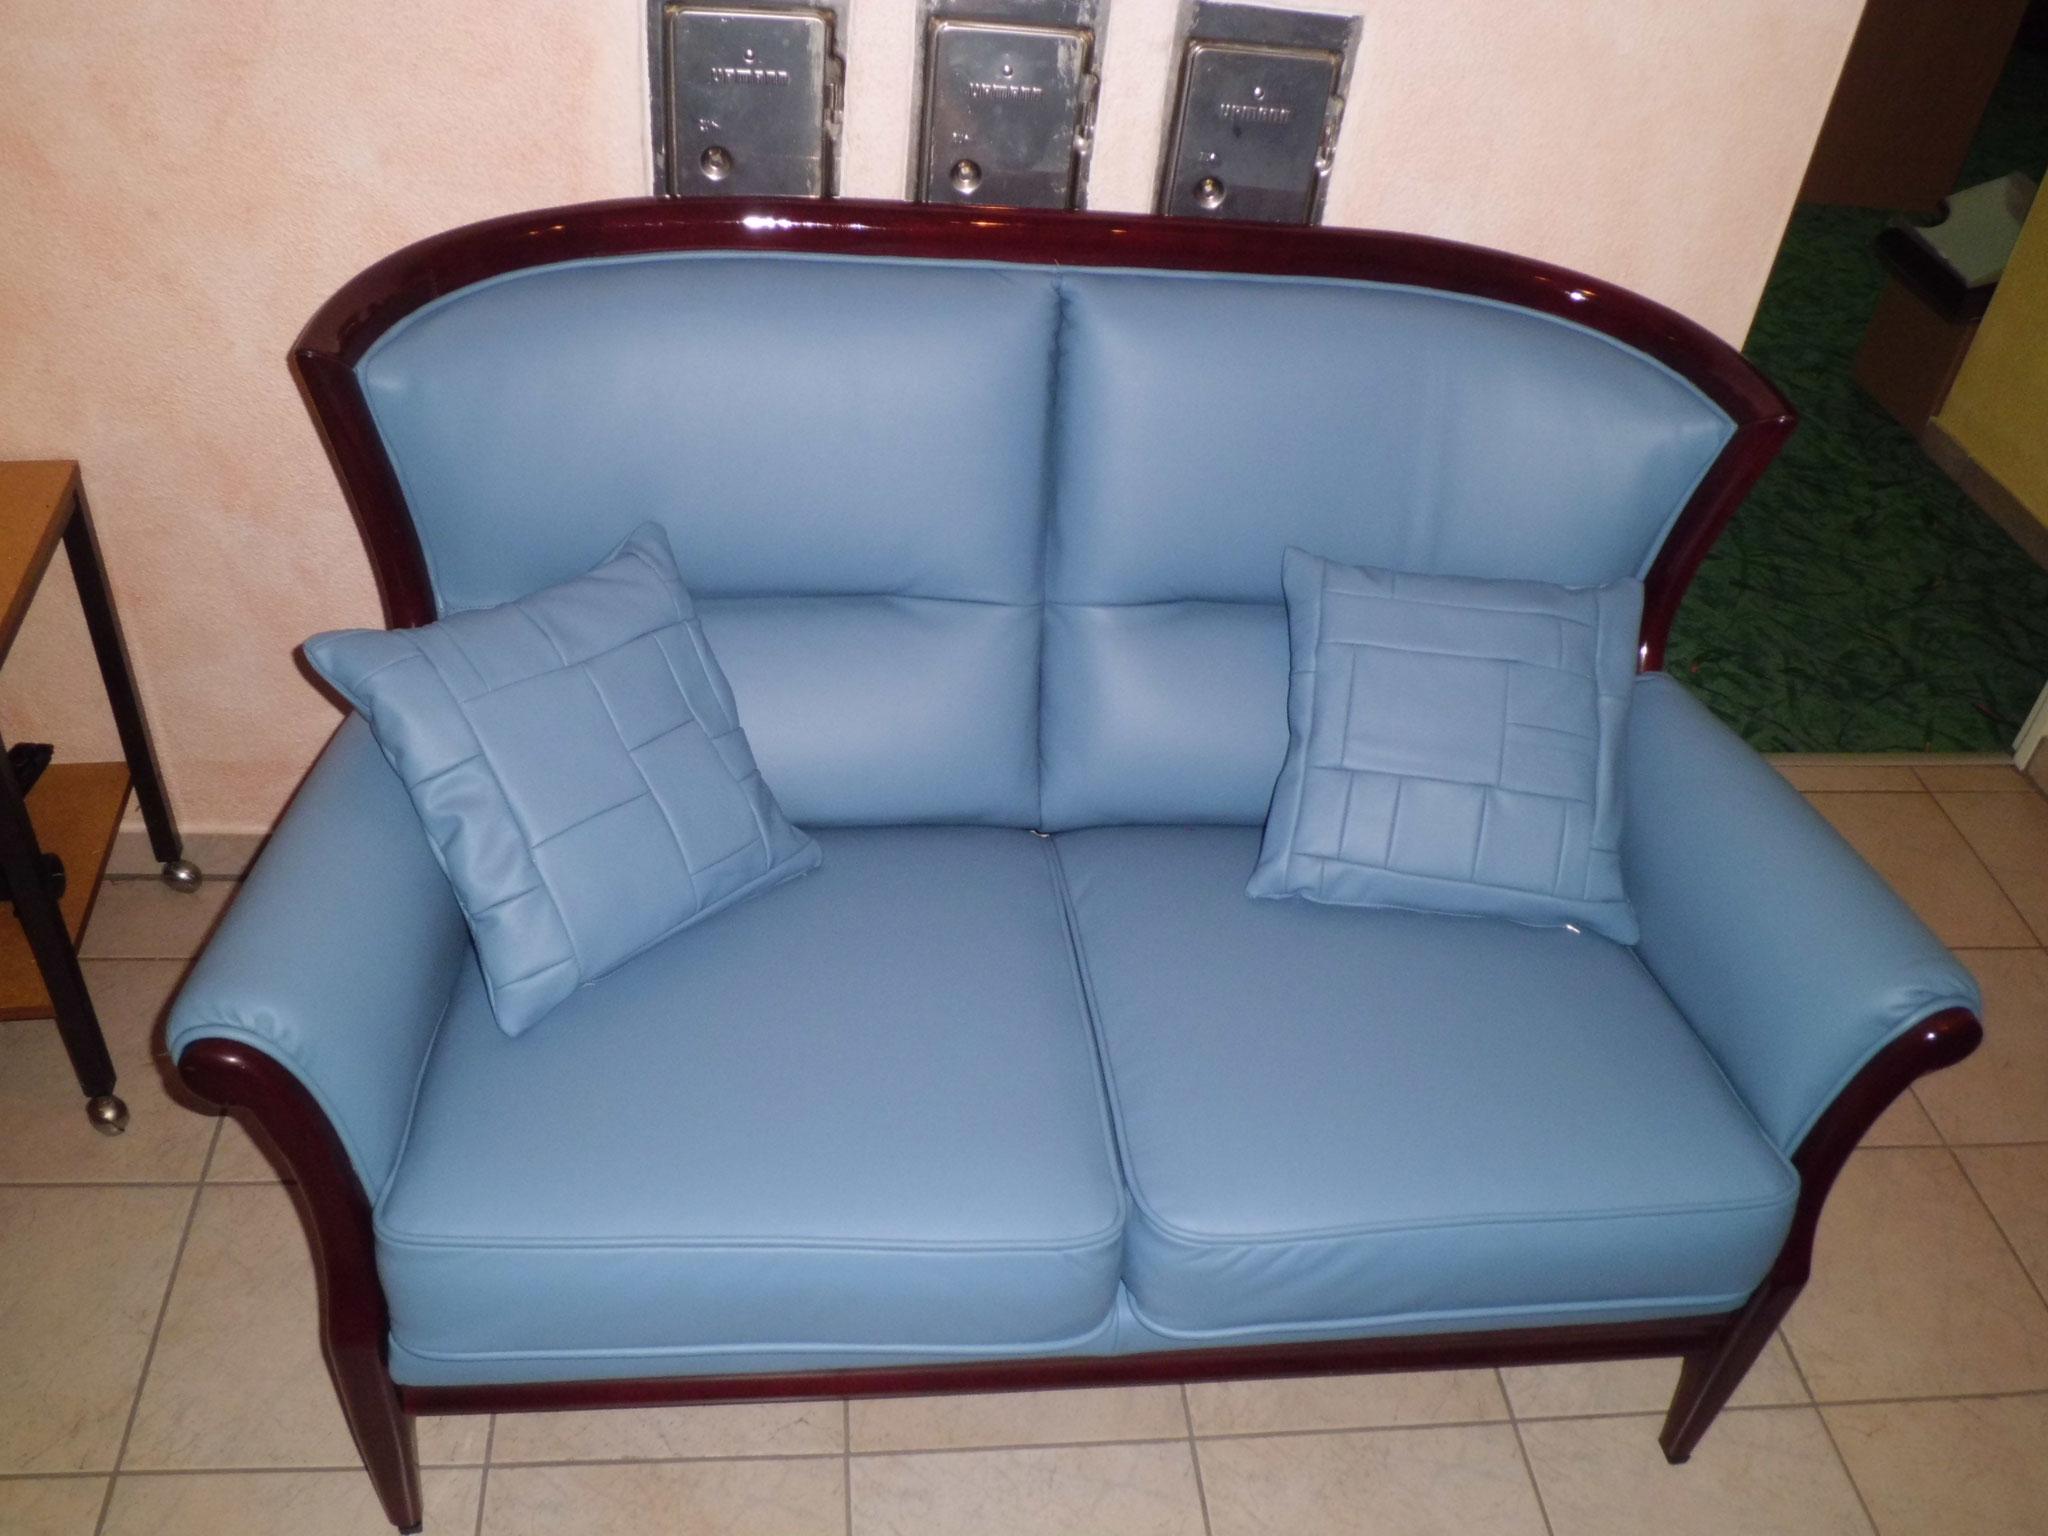 Full Size of Sofa Beziehen Couch Neu Der Gute Polstergeist Lounge Garten Rolf Benz überzug Ebay Konfigurator Federkern Karup Hersteller Blau Big Grau Kaufen Marken Sofa Sofa Beziehen